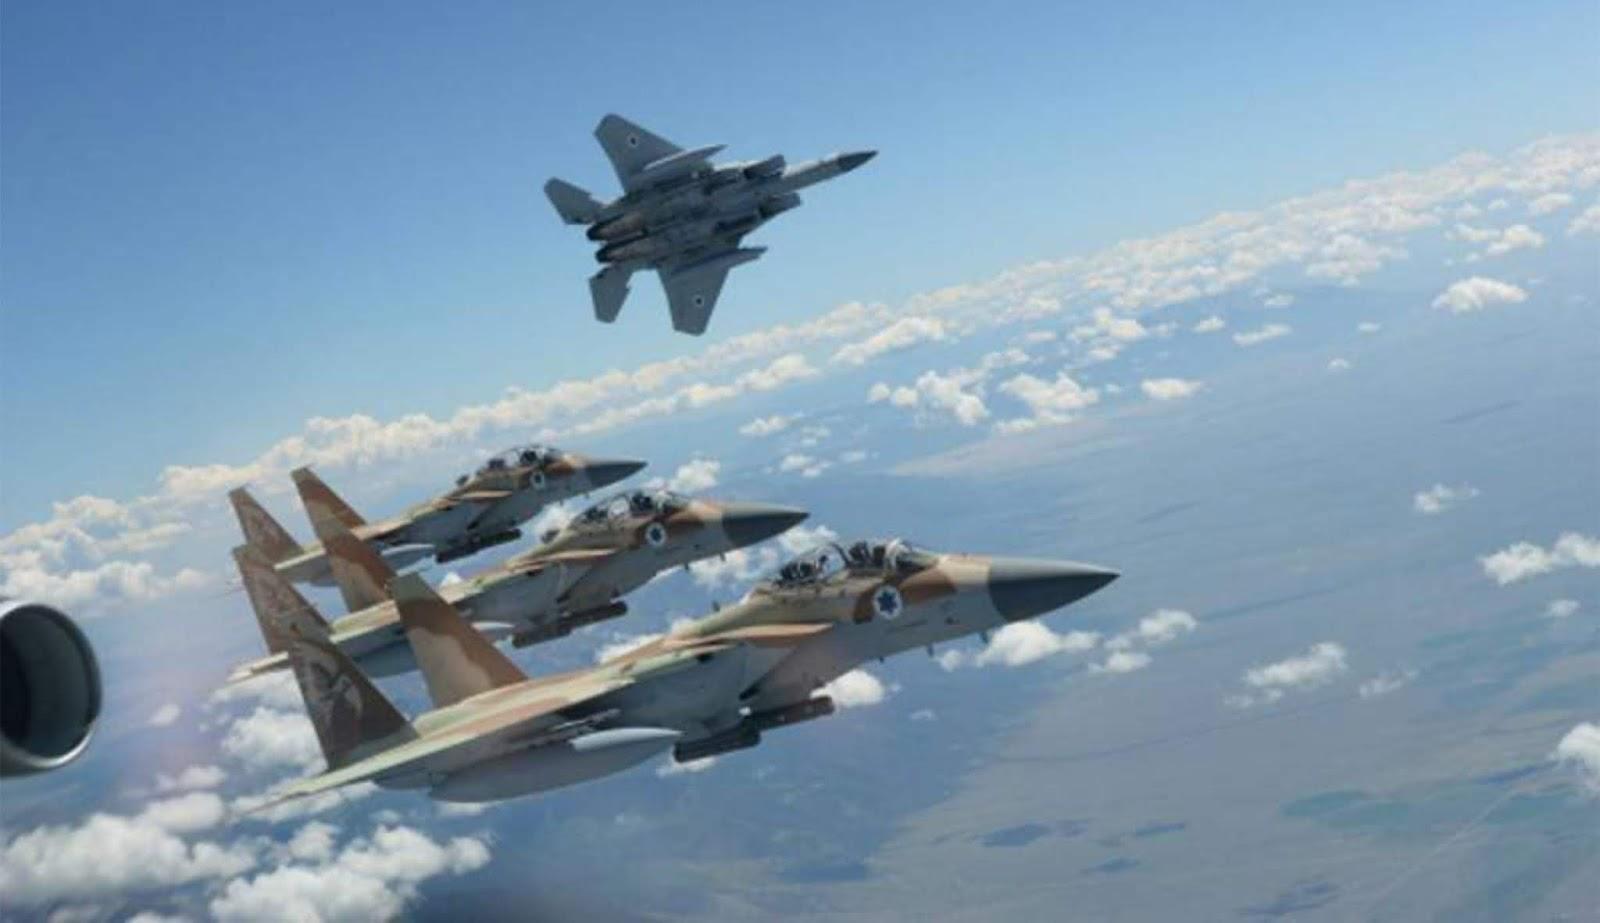 Israel membantah laporan tentang sebuah pesawat yang ditembak jatuh di Suriah